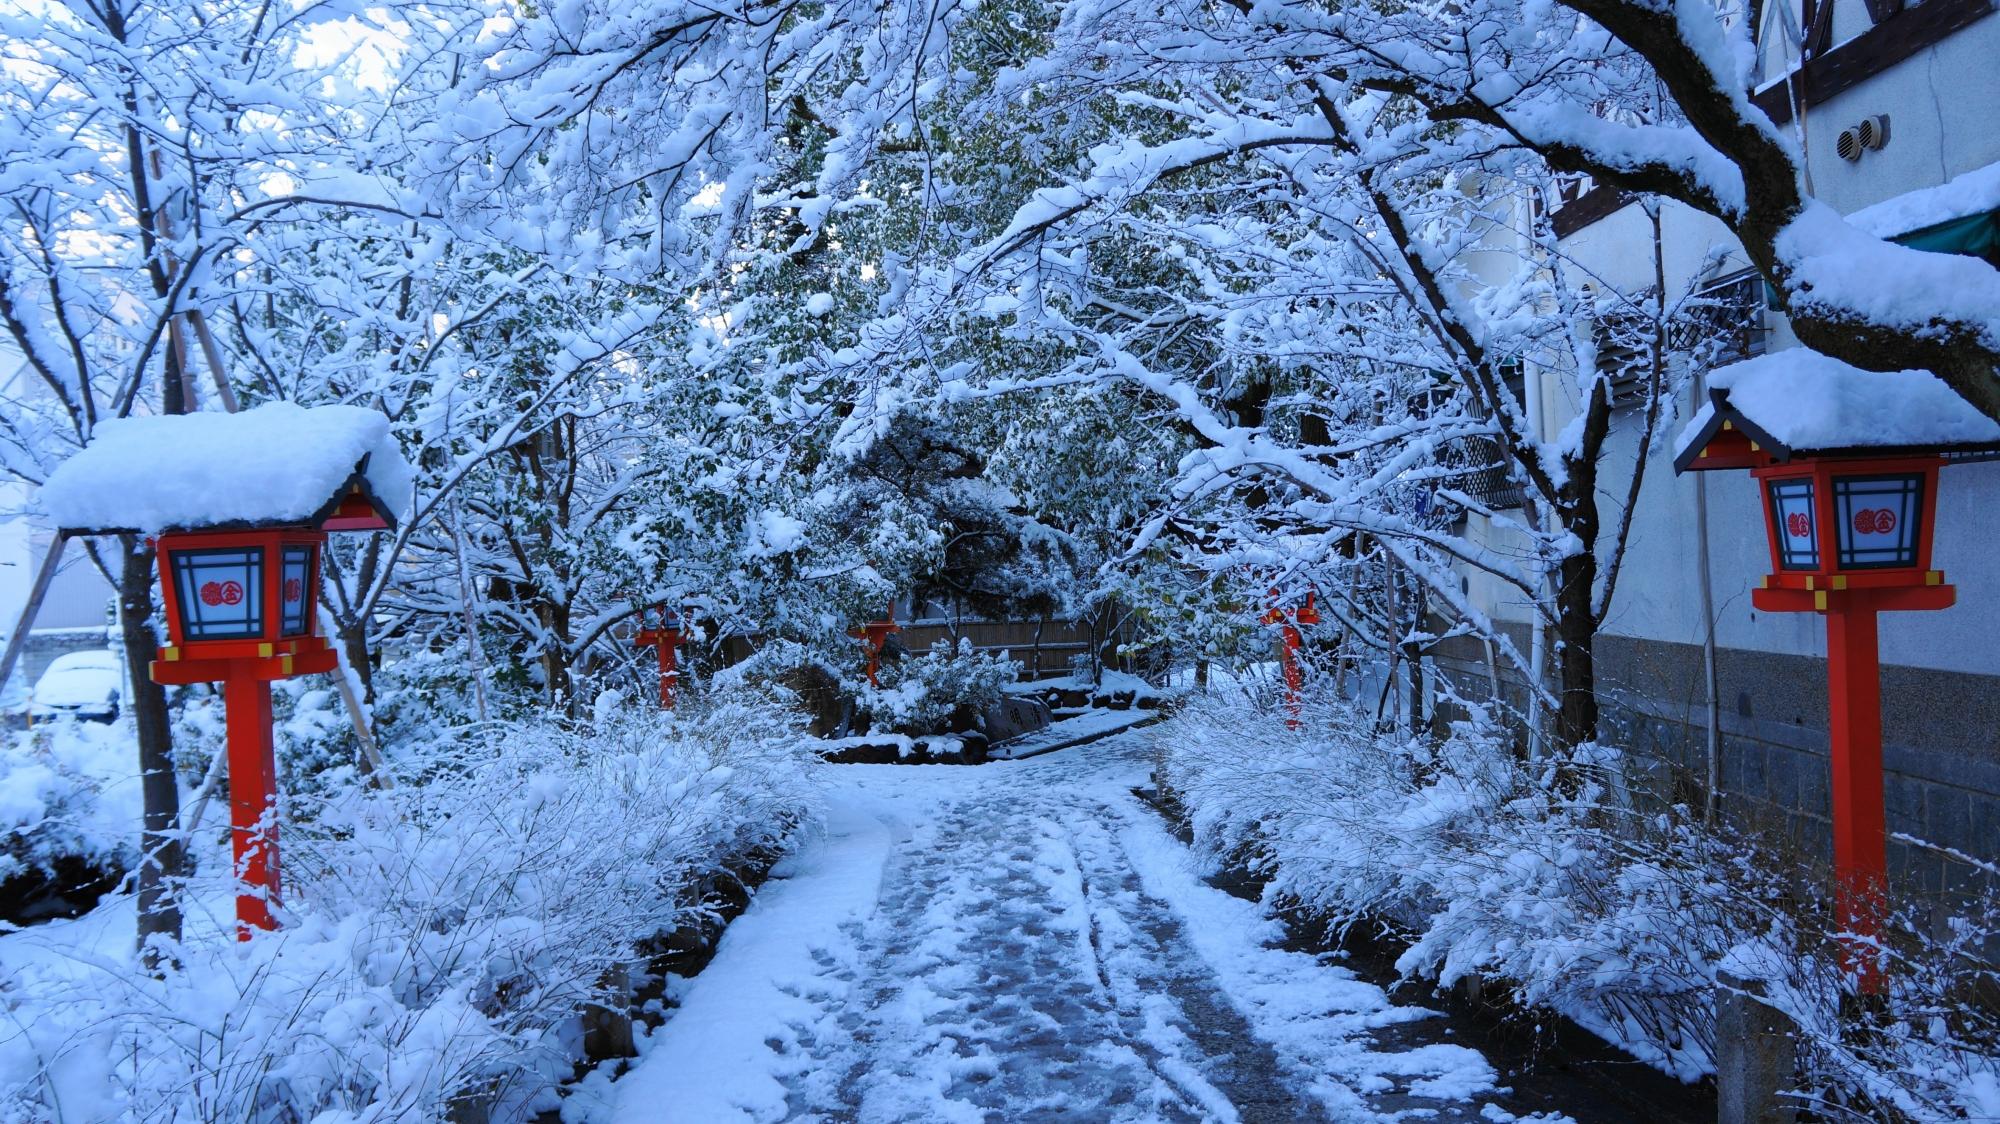 安井金比羅宮の真っ白な雪につつまれた参道